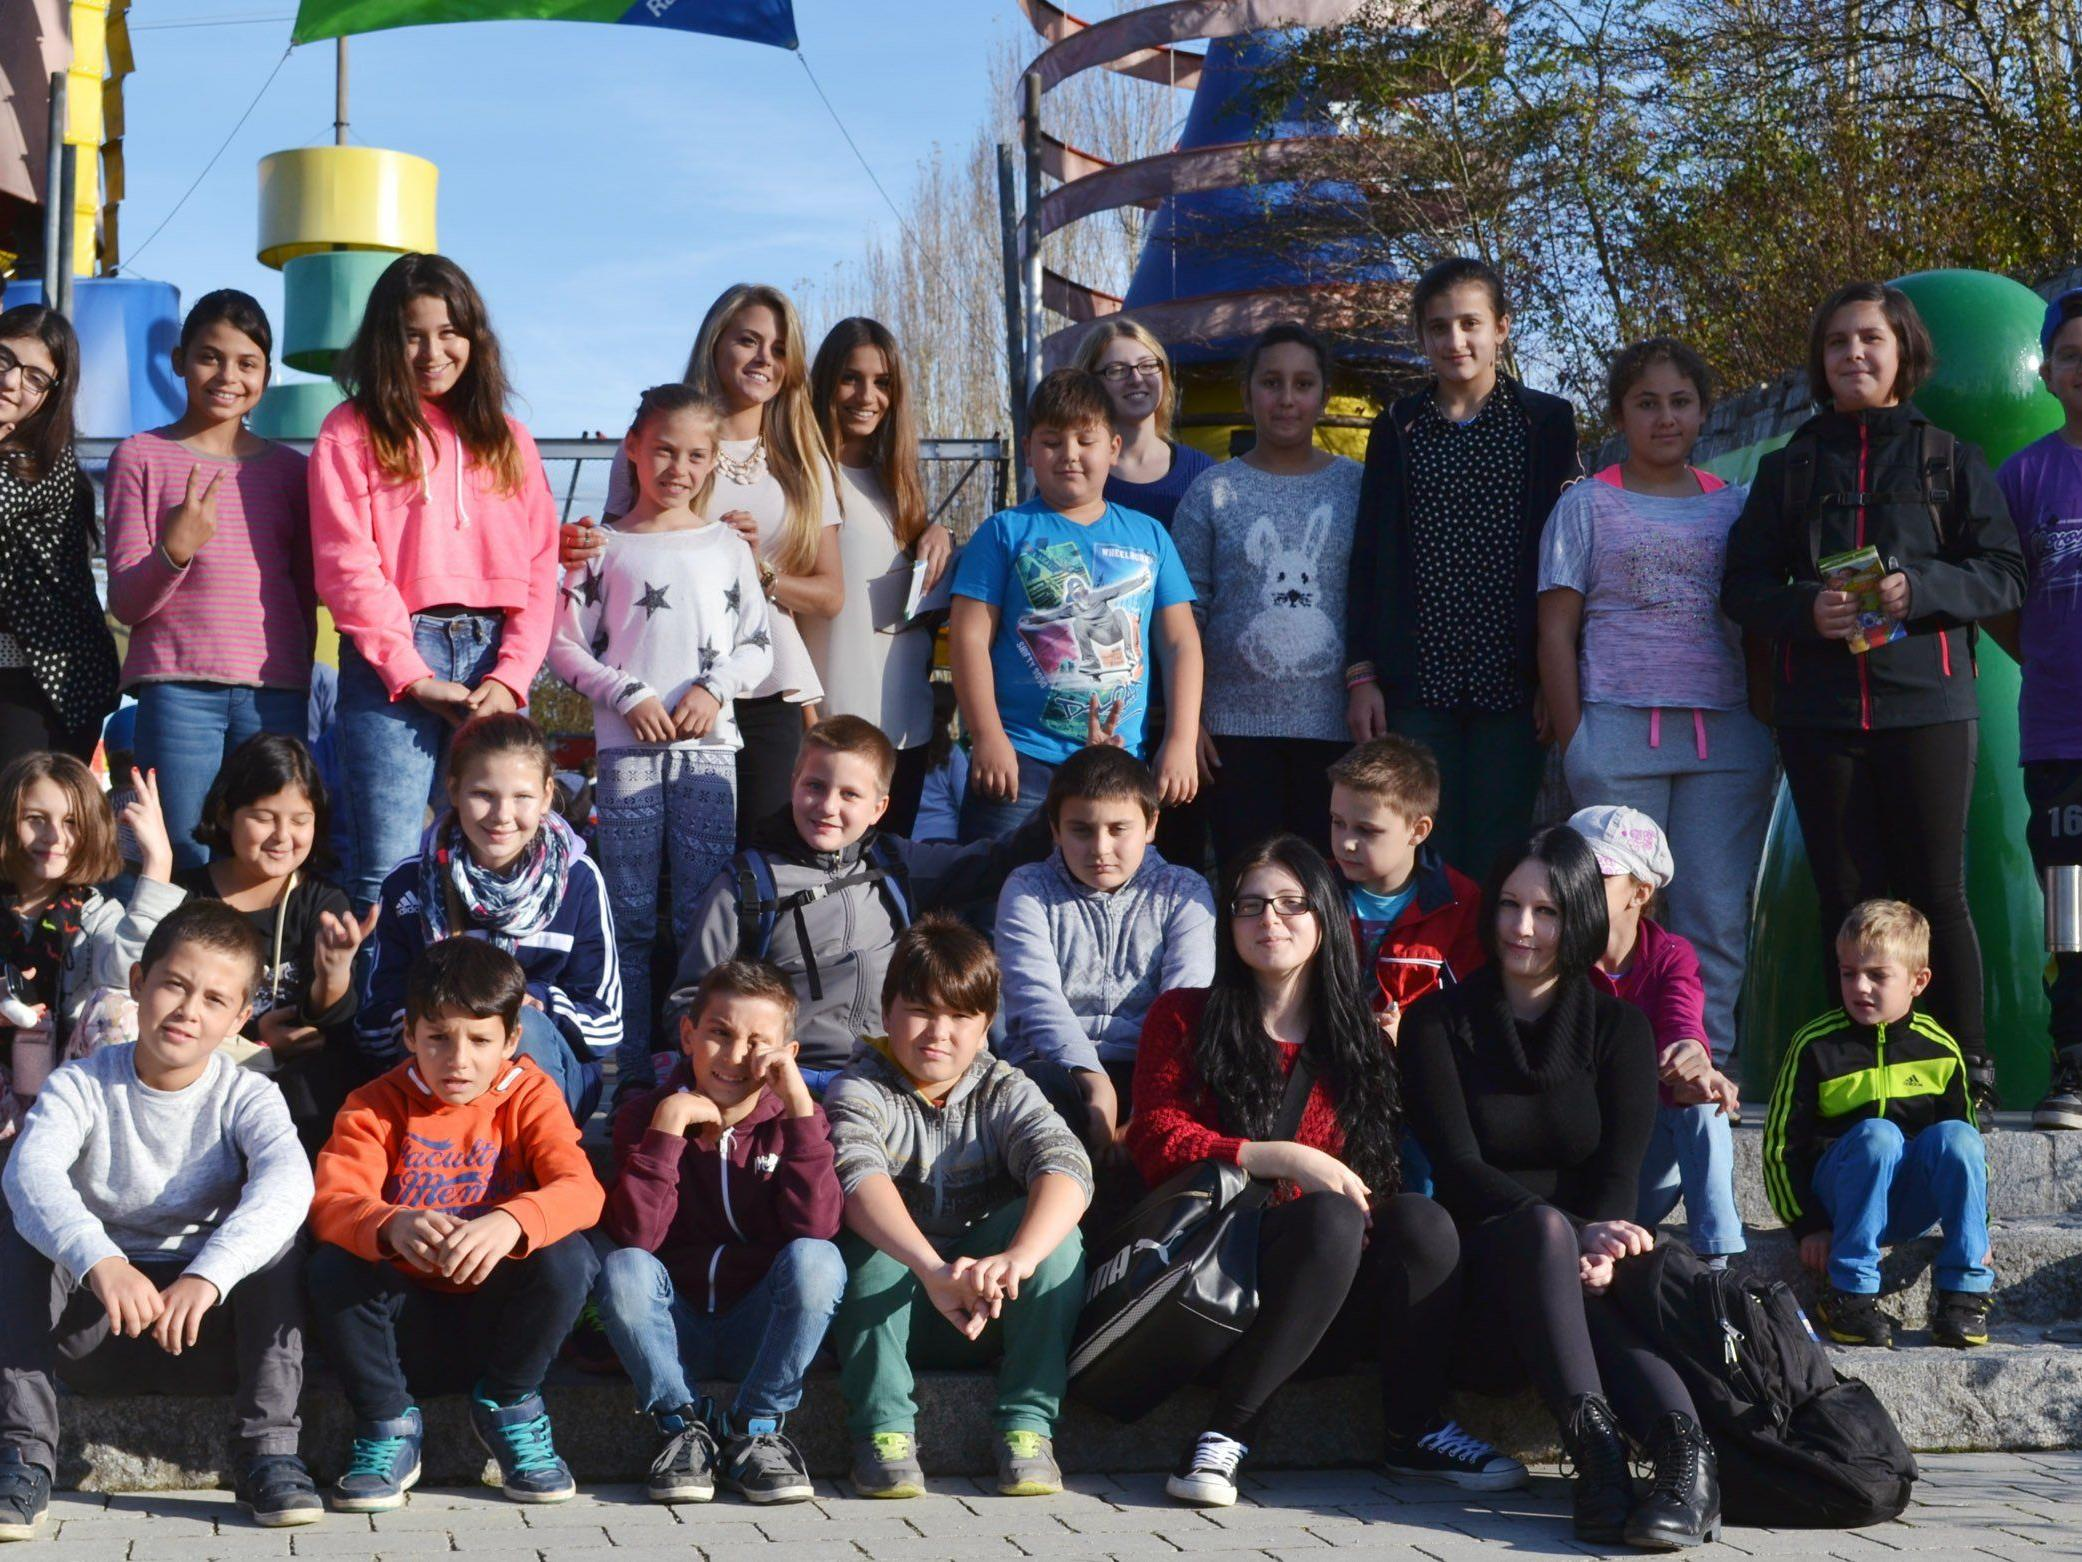 Fünf angehende Maturantinnen der BHAK Feldkirch organisierten als Maturaprojekt eine Fahrt ins Ravensburger Spieleland für die Kids der fünf Caritas-Lerncafés. Diese waren restlos begeistert!